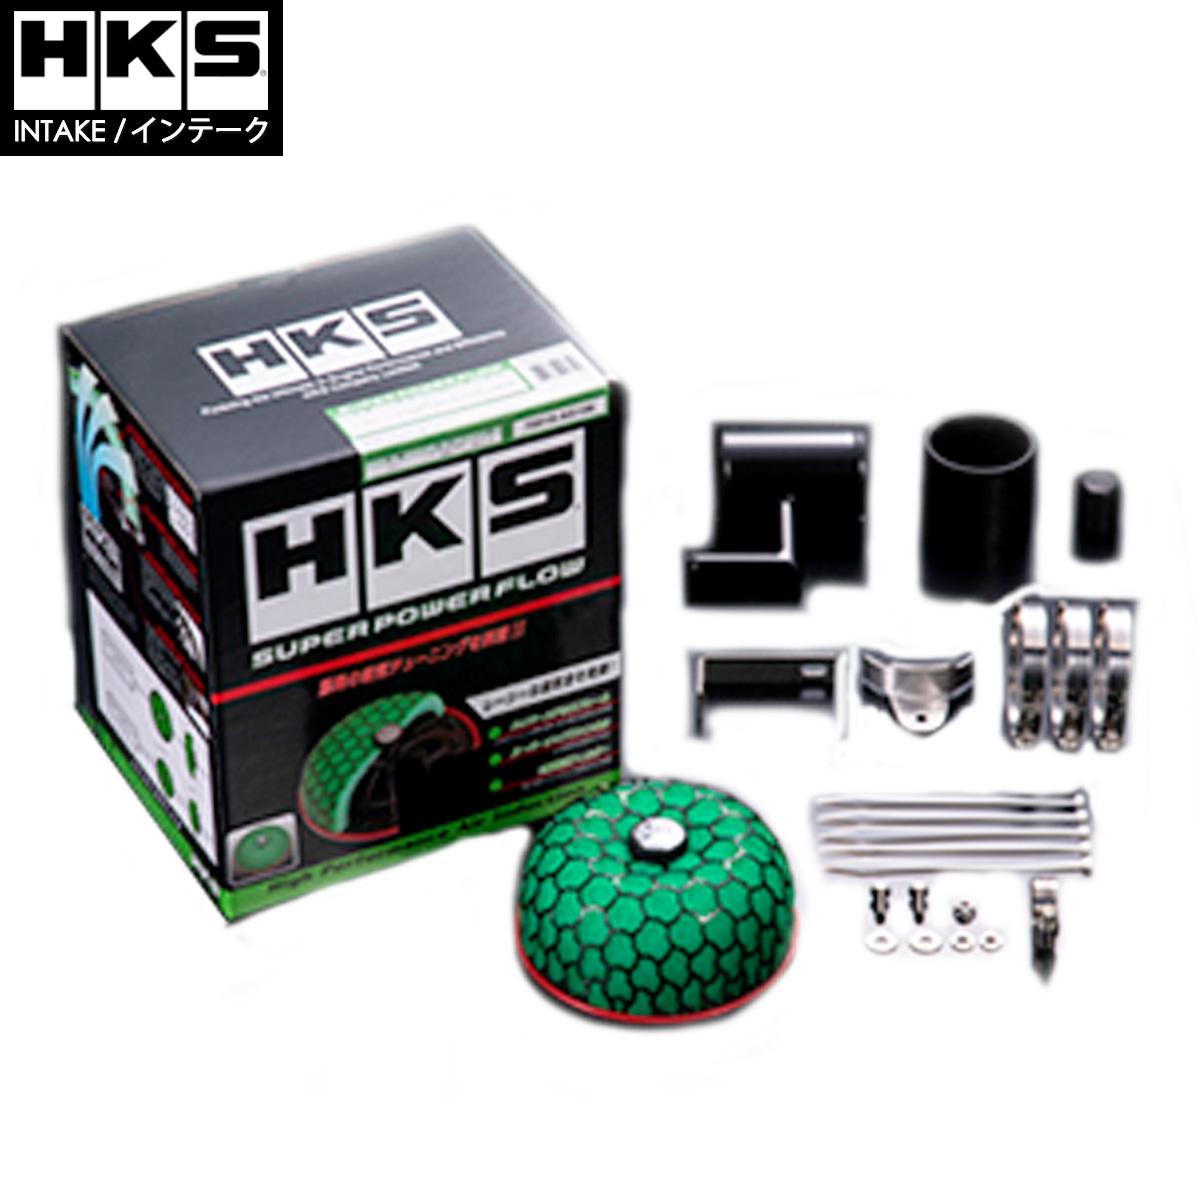 ekスポーツ スーパーパワーフロー H82W HKS 70019-AM104 インテークシリーズ 個人宅発送追金有